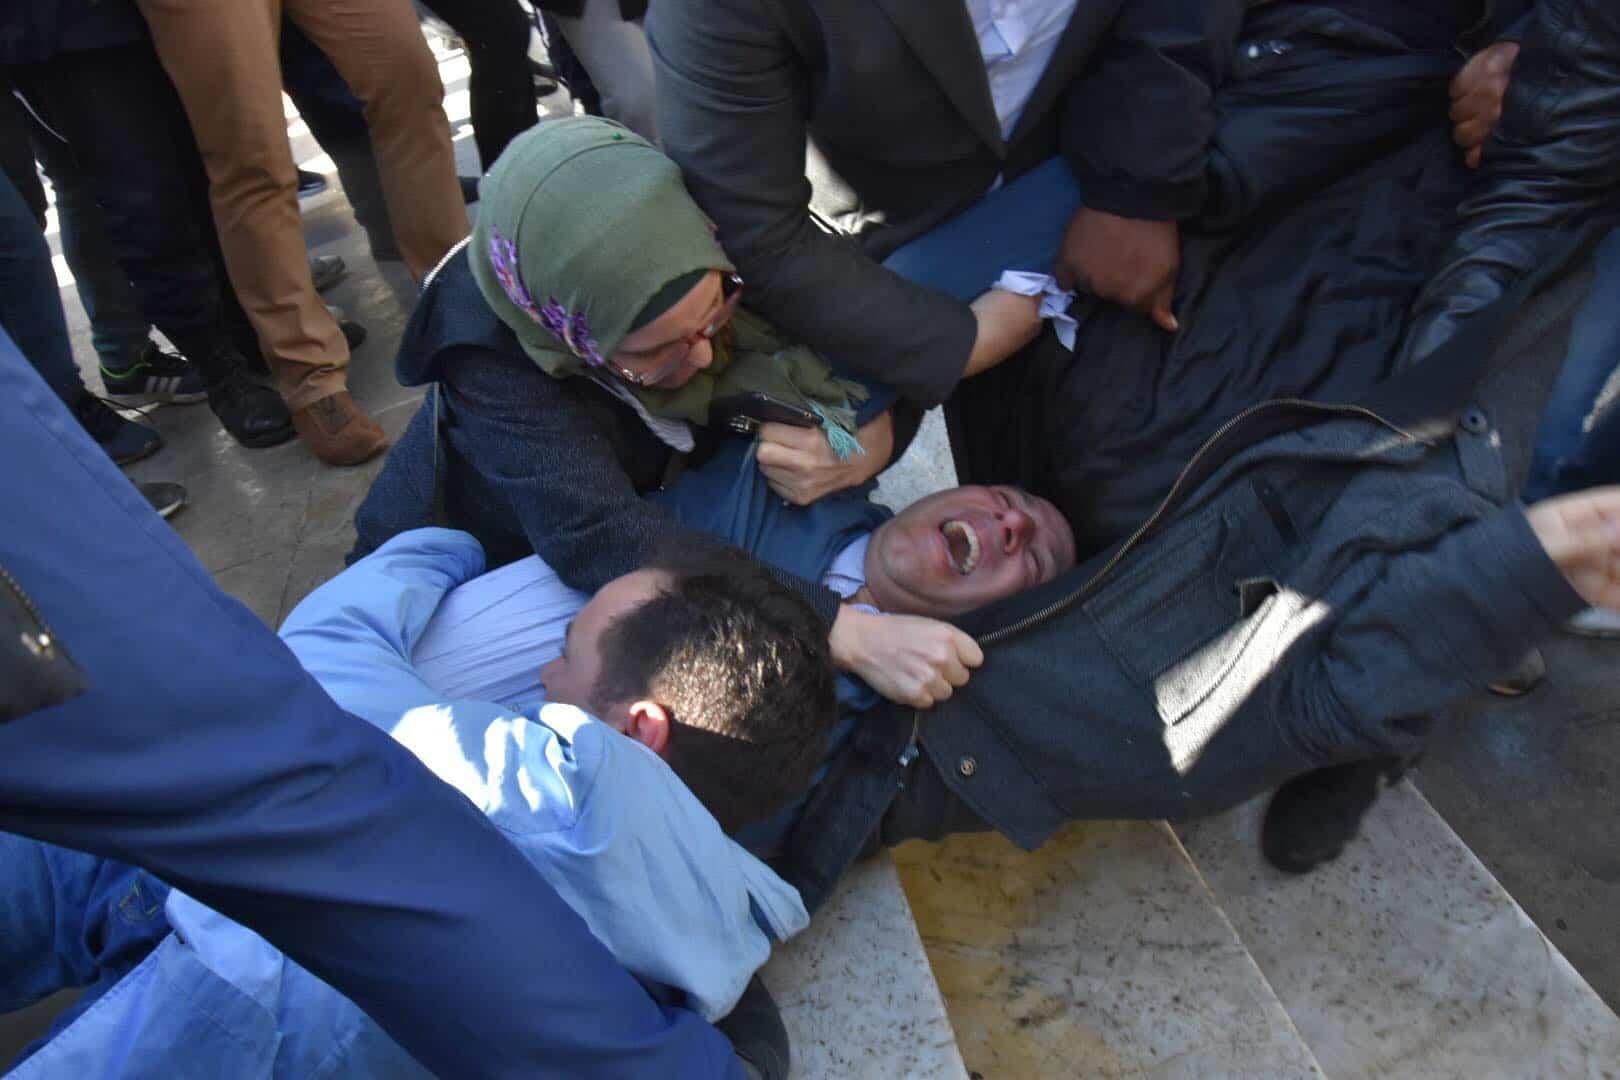 La police a procédé, aujourd'hui, 28 février, à l'interpellation de plusieurs journalistes venus manifester à la place de la Liberté de la Presse, à Alger, pour réclamer la liberté de l'information et exprimer leur rejet du système mis en place.